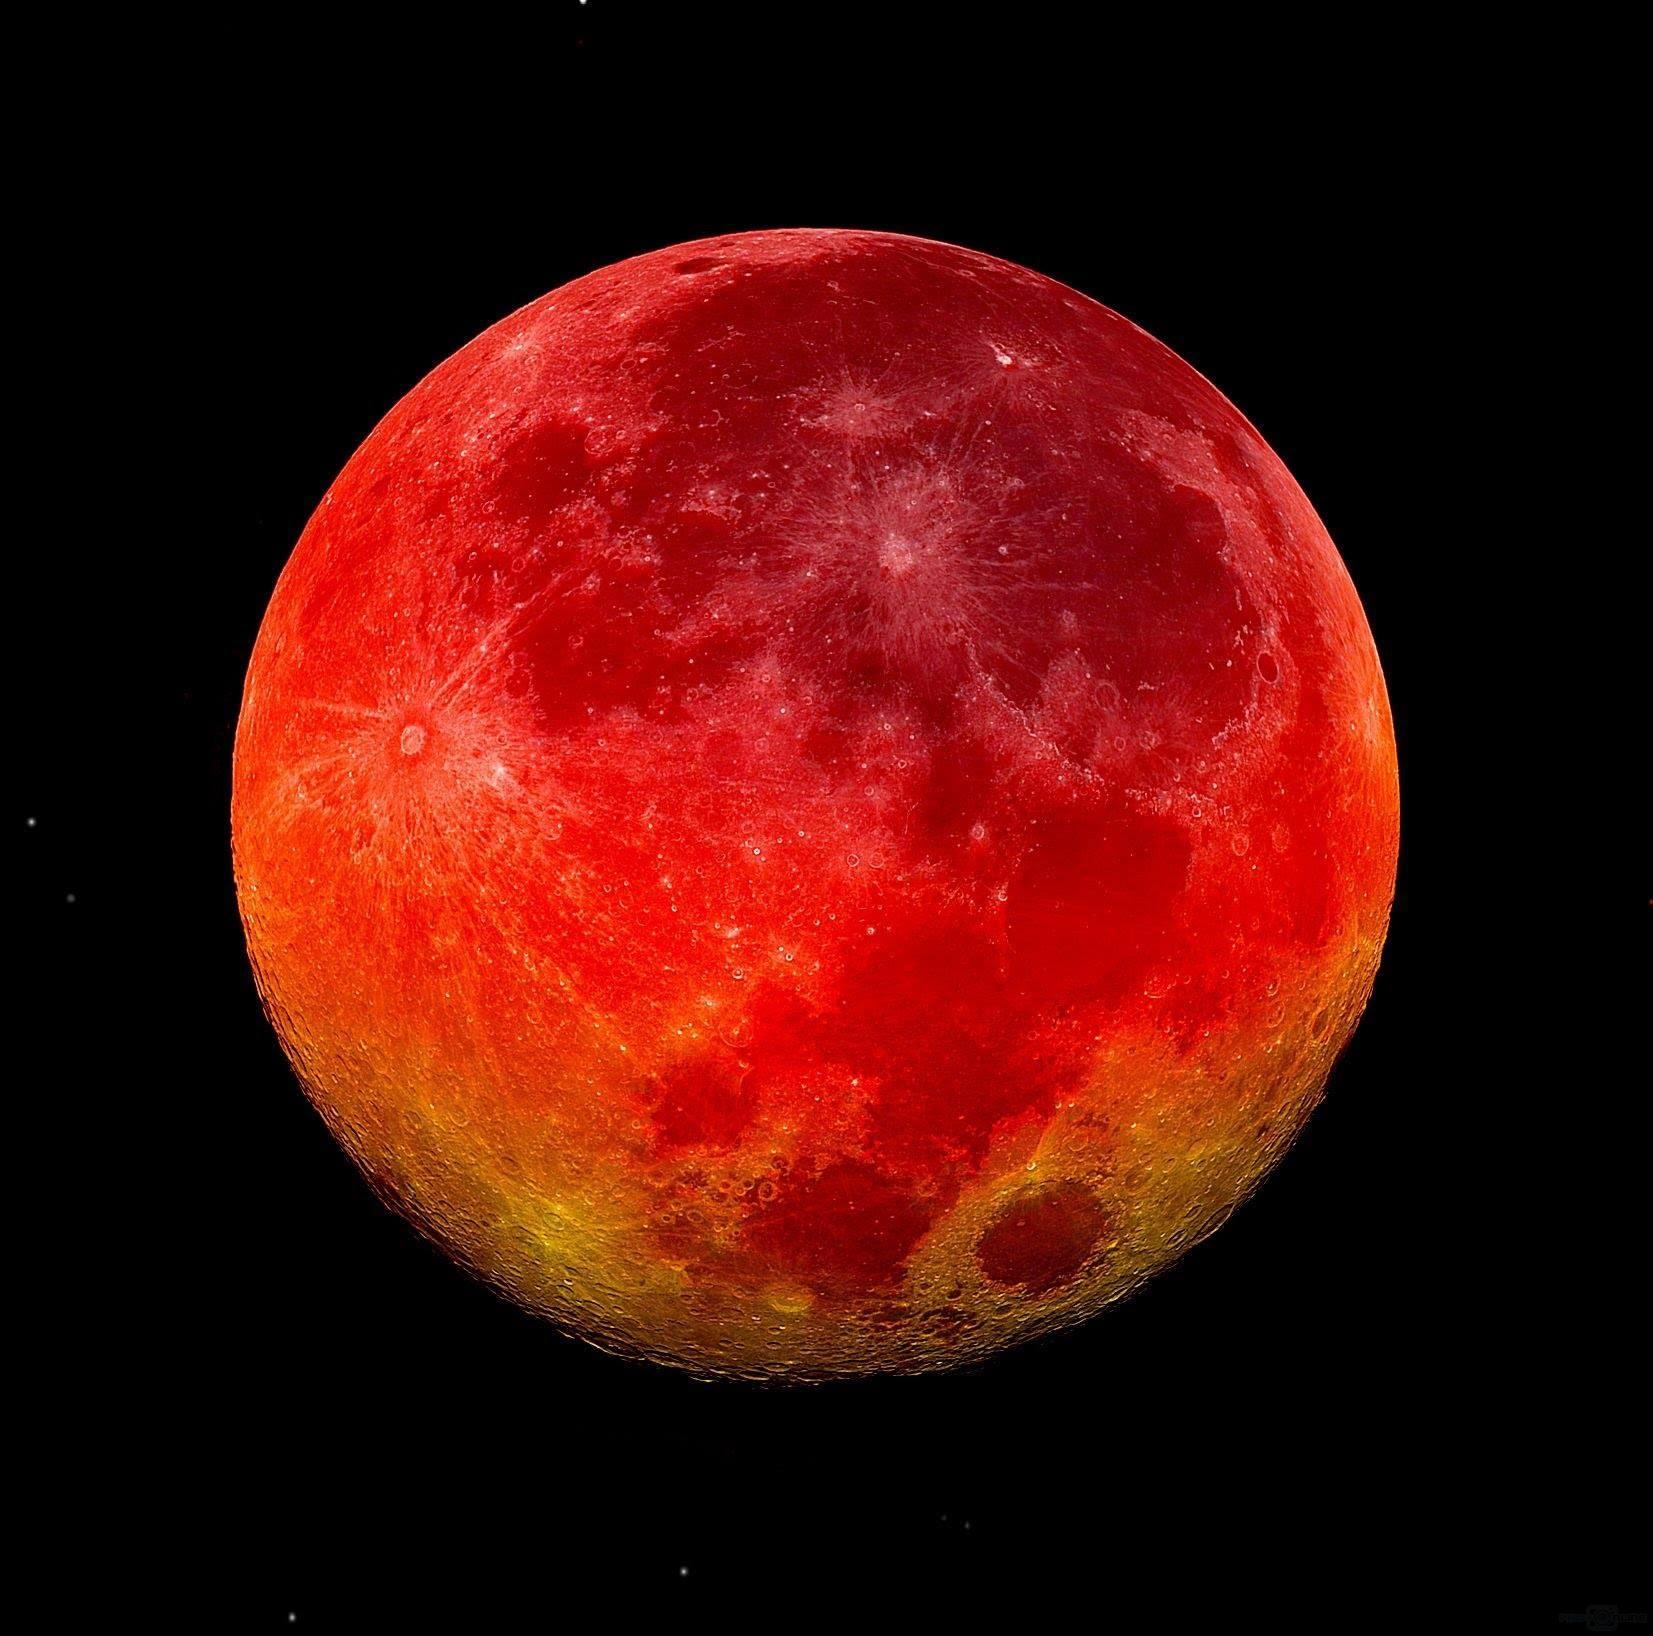 血红色的月亮,是因为月球进入没有太阳光直射的本影